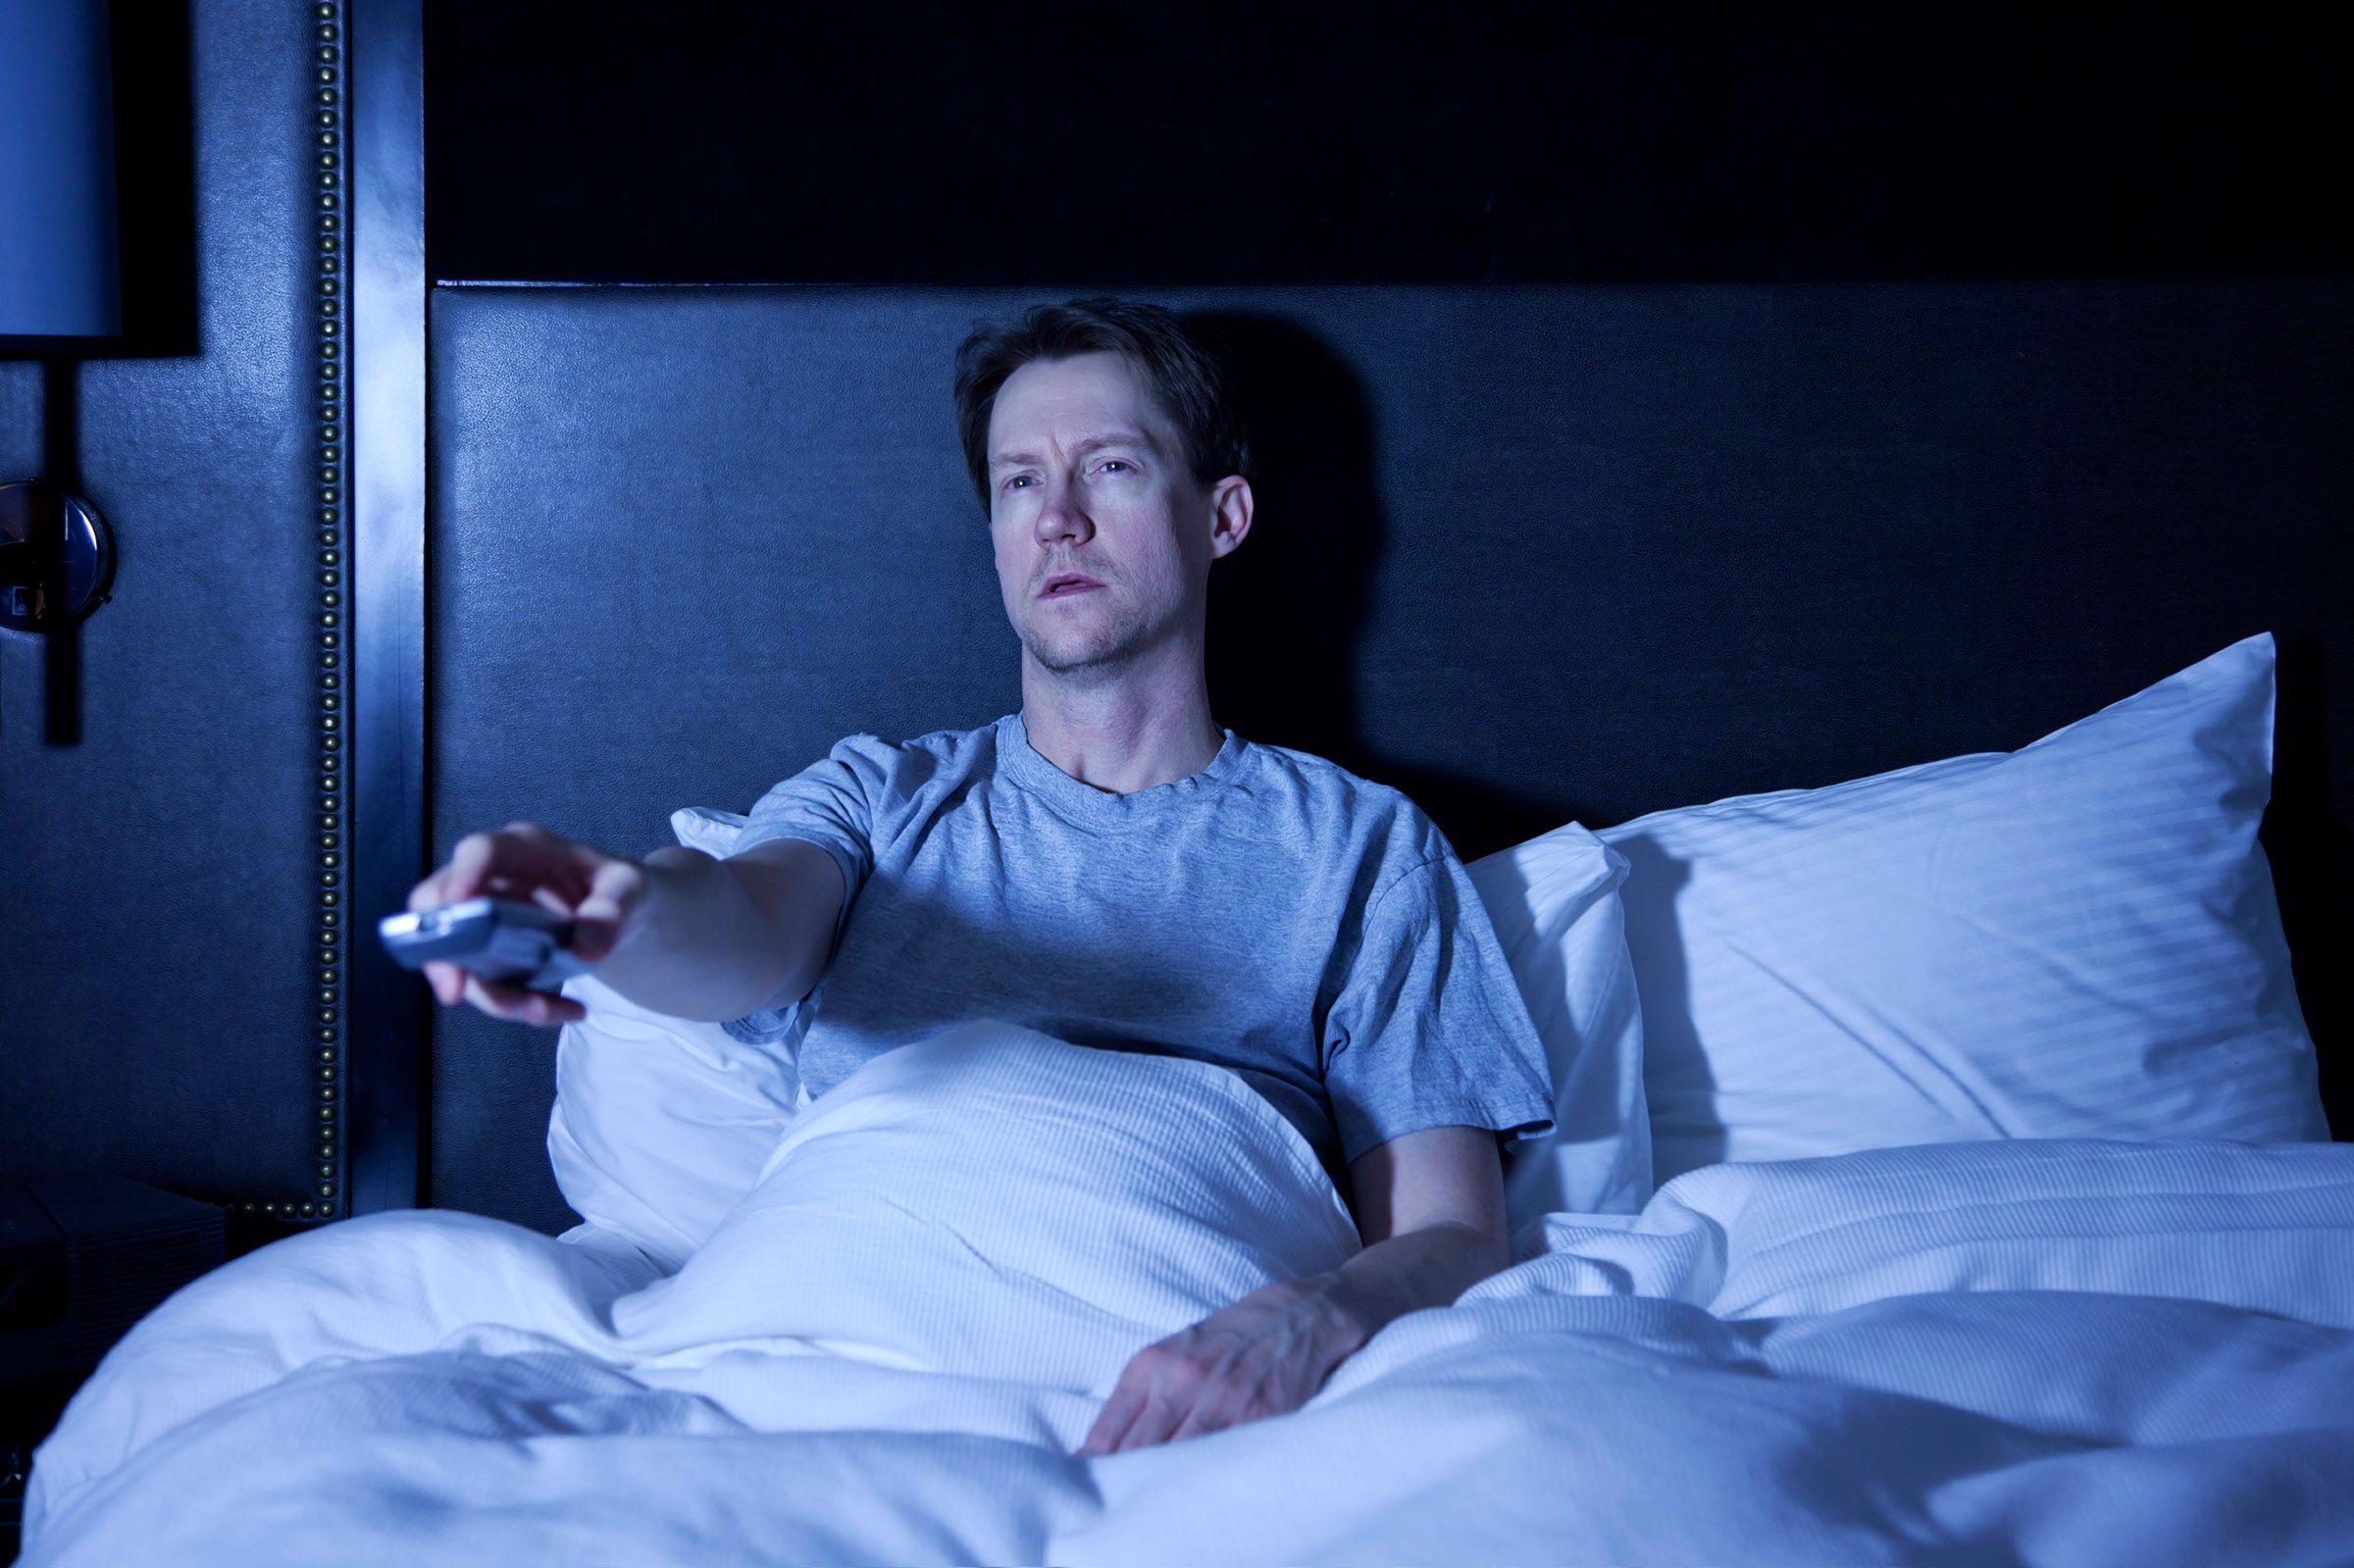 Myth: Don't fall asleep with the TV on